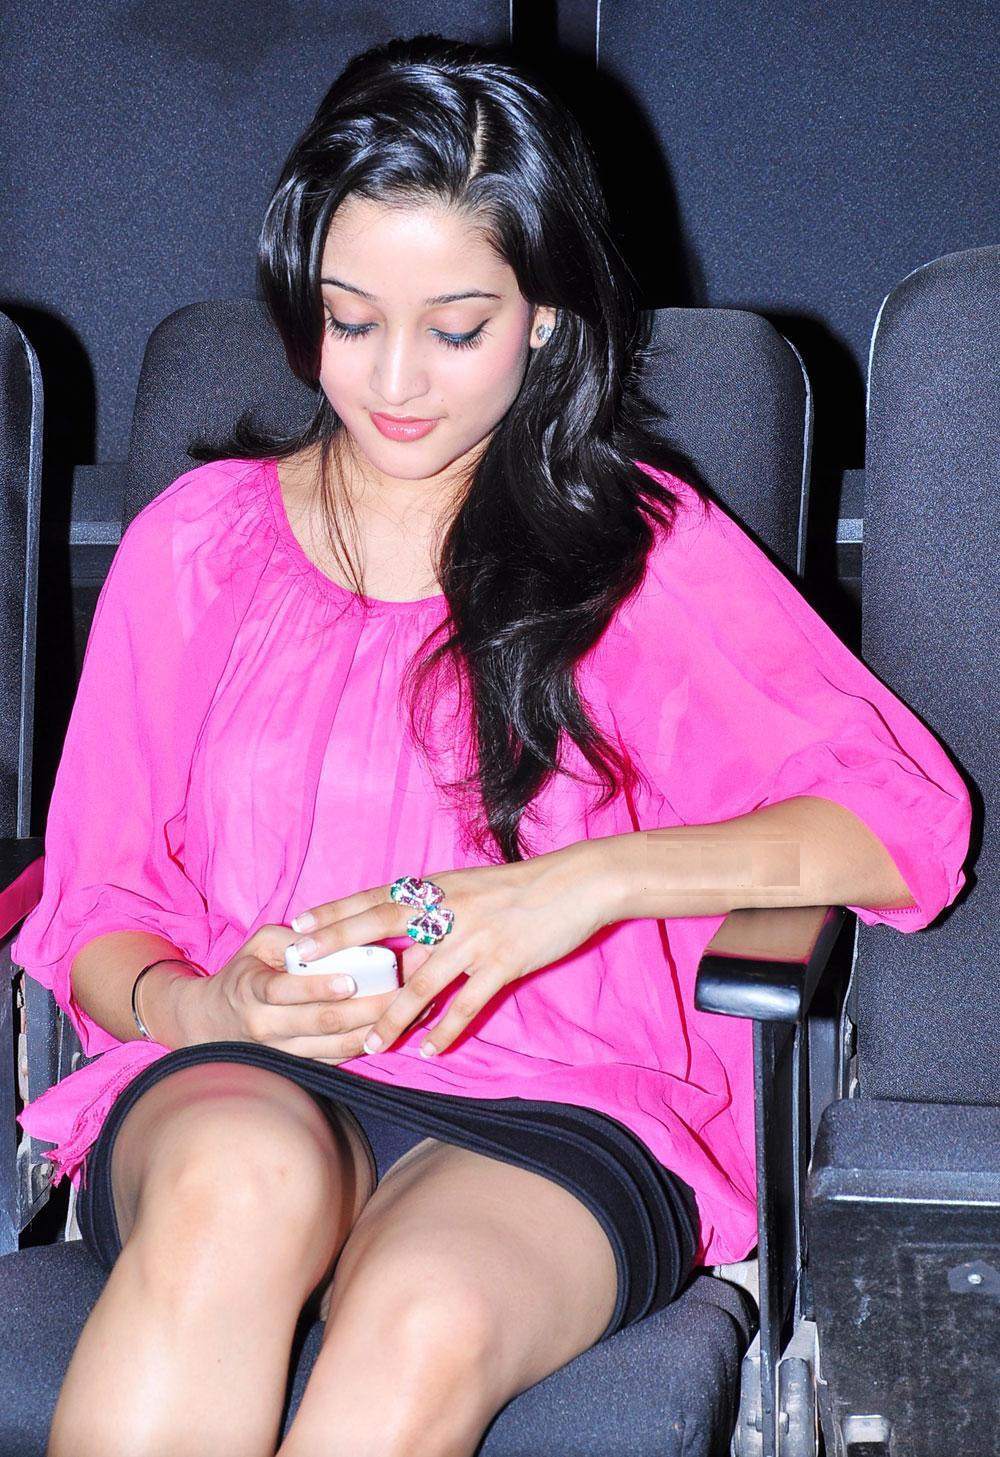 actress panty